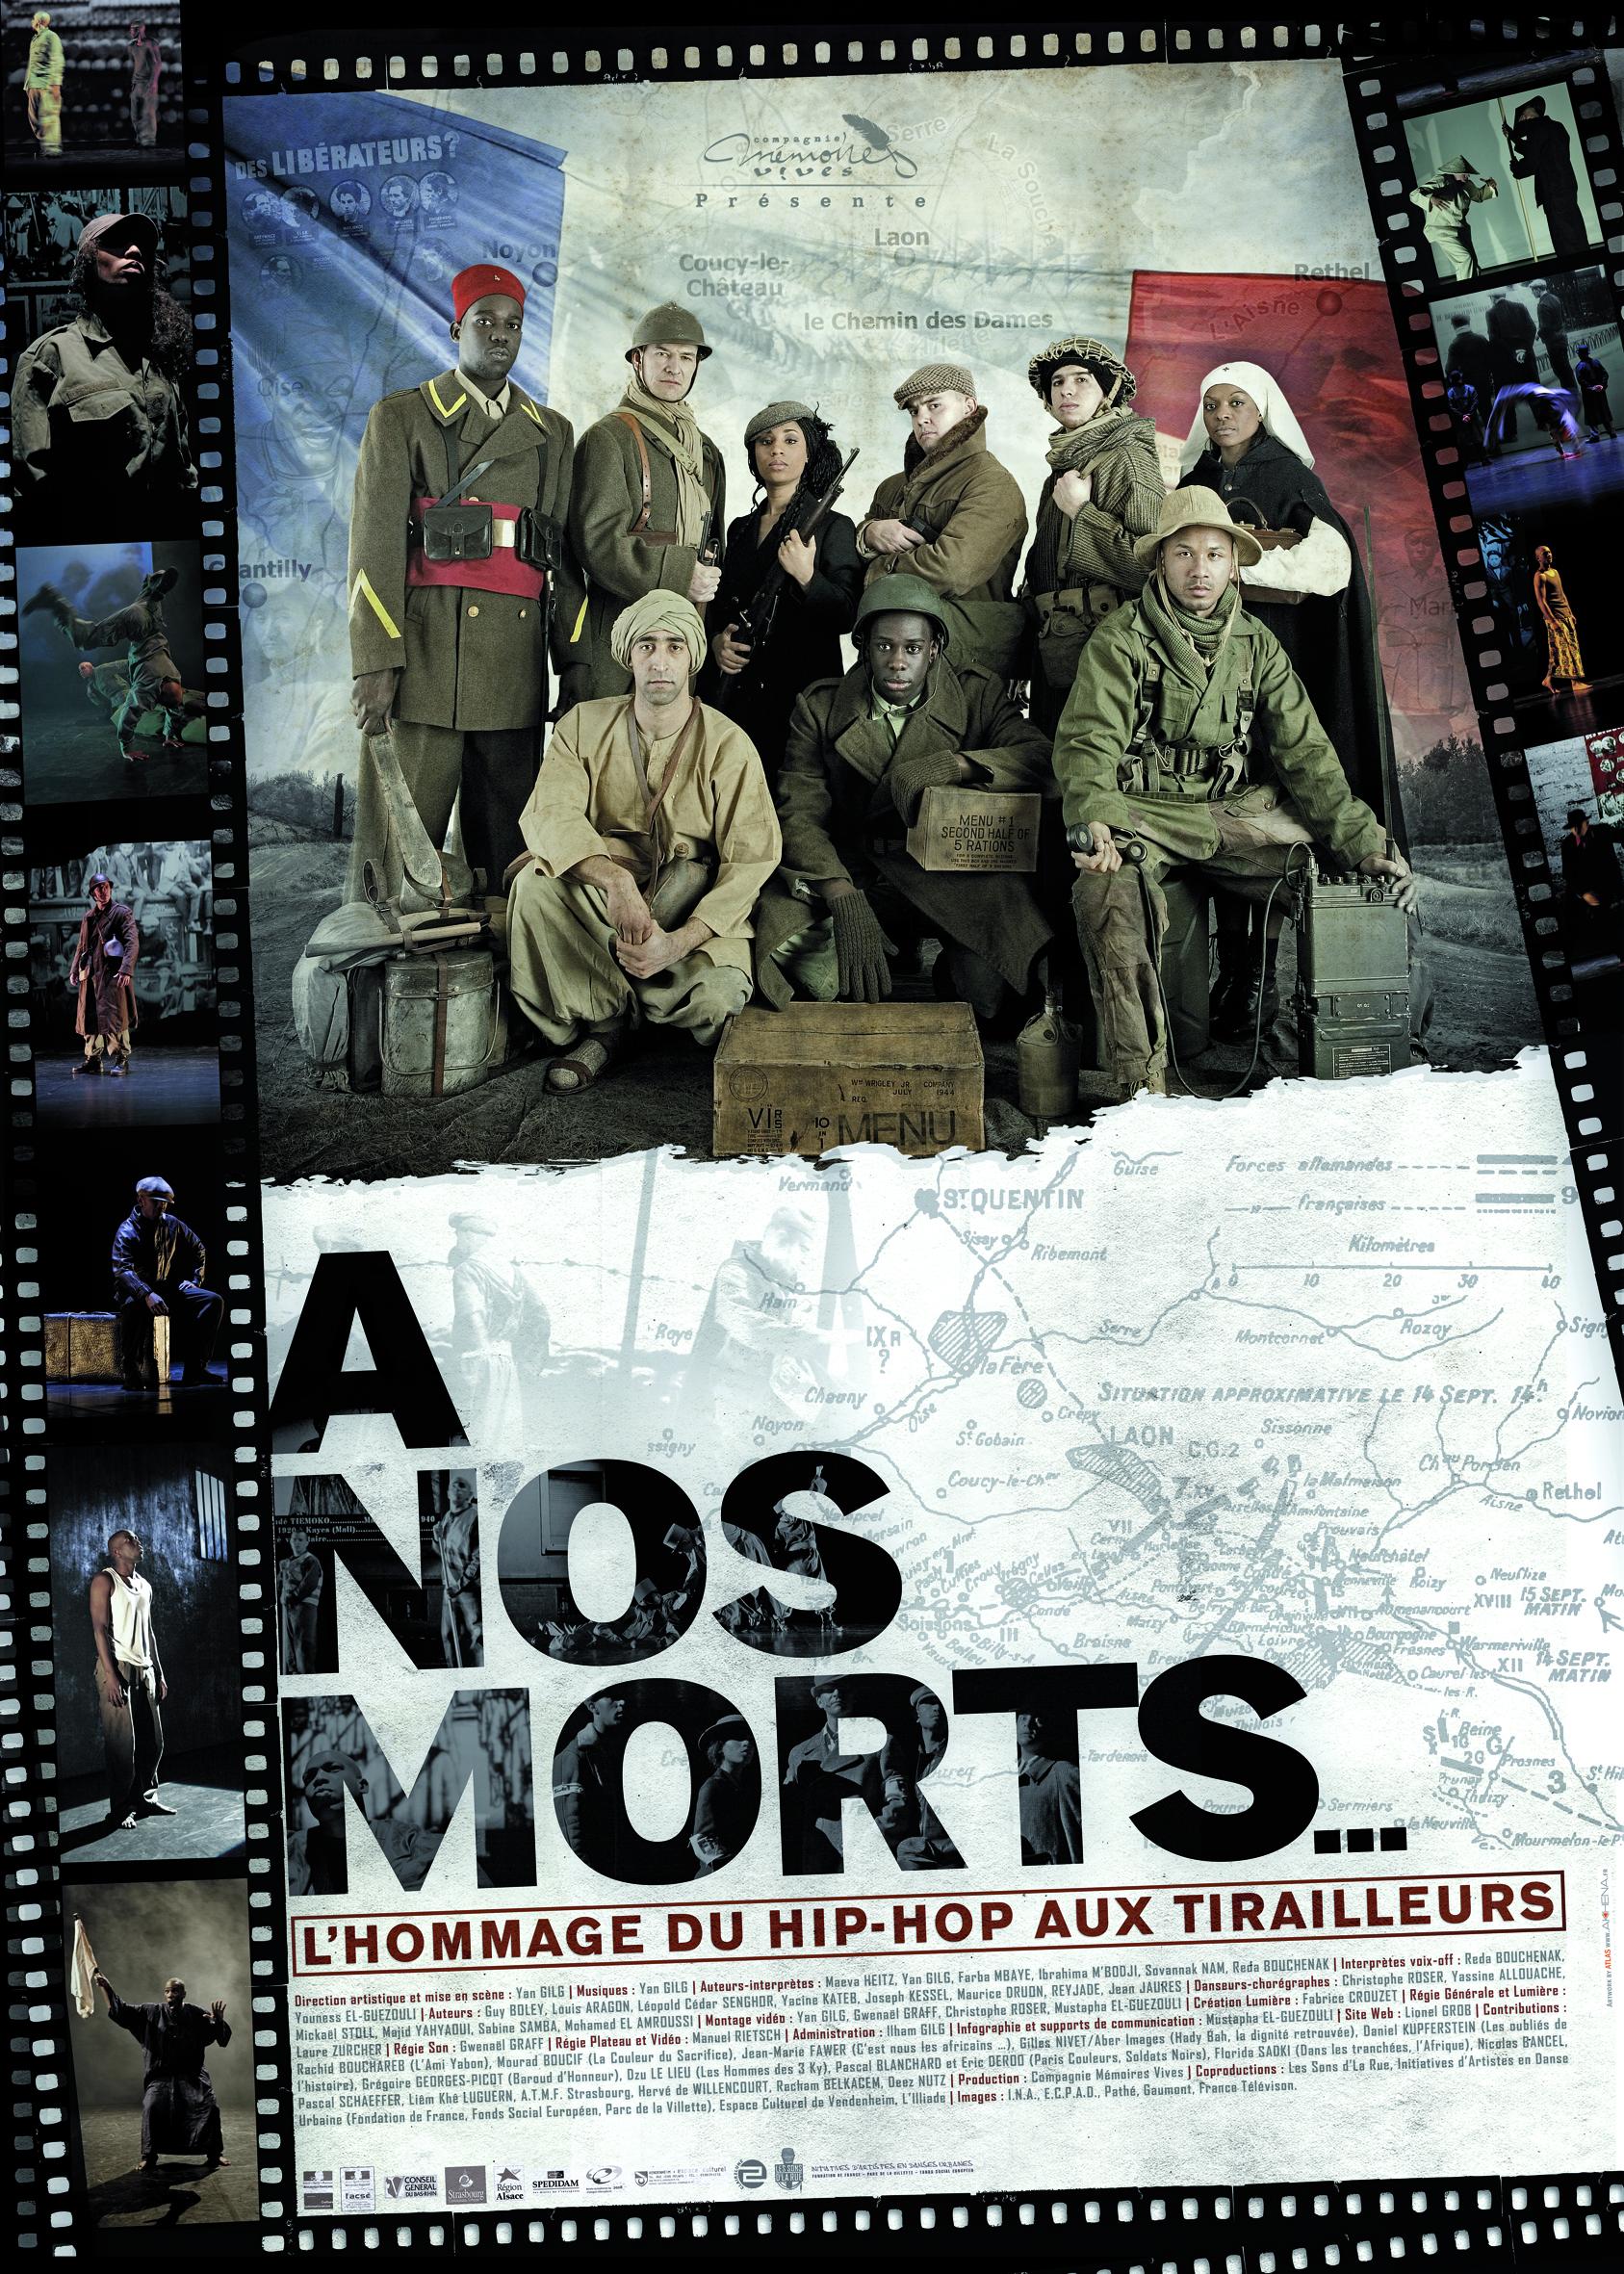 ANOSMORT affiche 2009